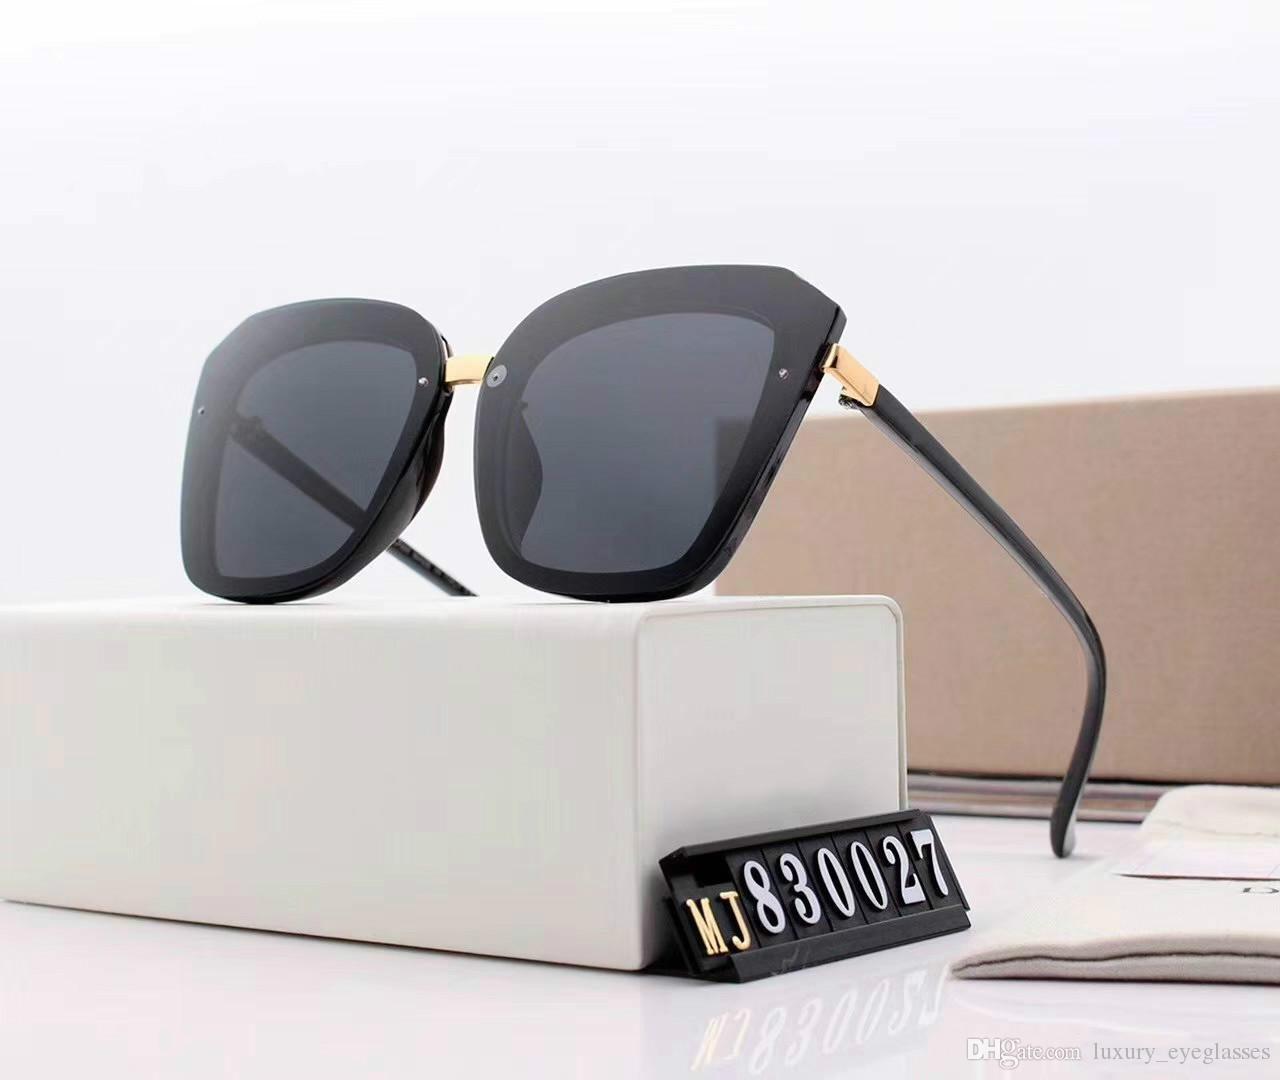 96e60dc1f Compre Óculos De Sol Das Mulheres Designer De Marca Big Frame Quadrado  Óculos De Sol Do Vintage De Grandes Dimensões Óculos De Sol De Viagem  Senhoras Shades ...